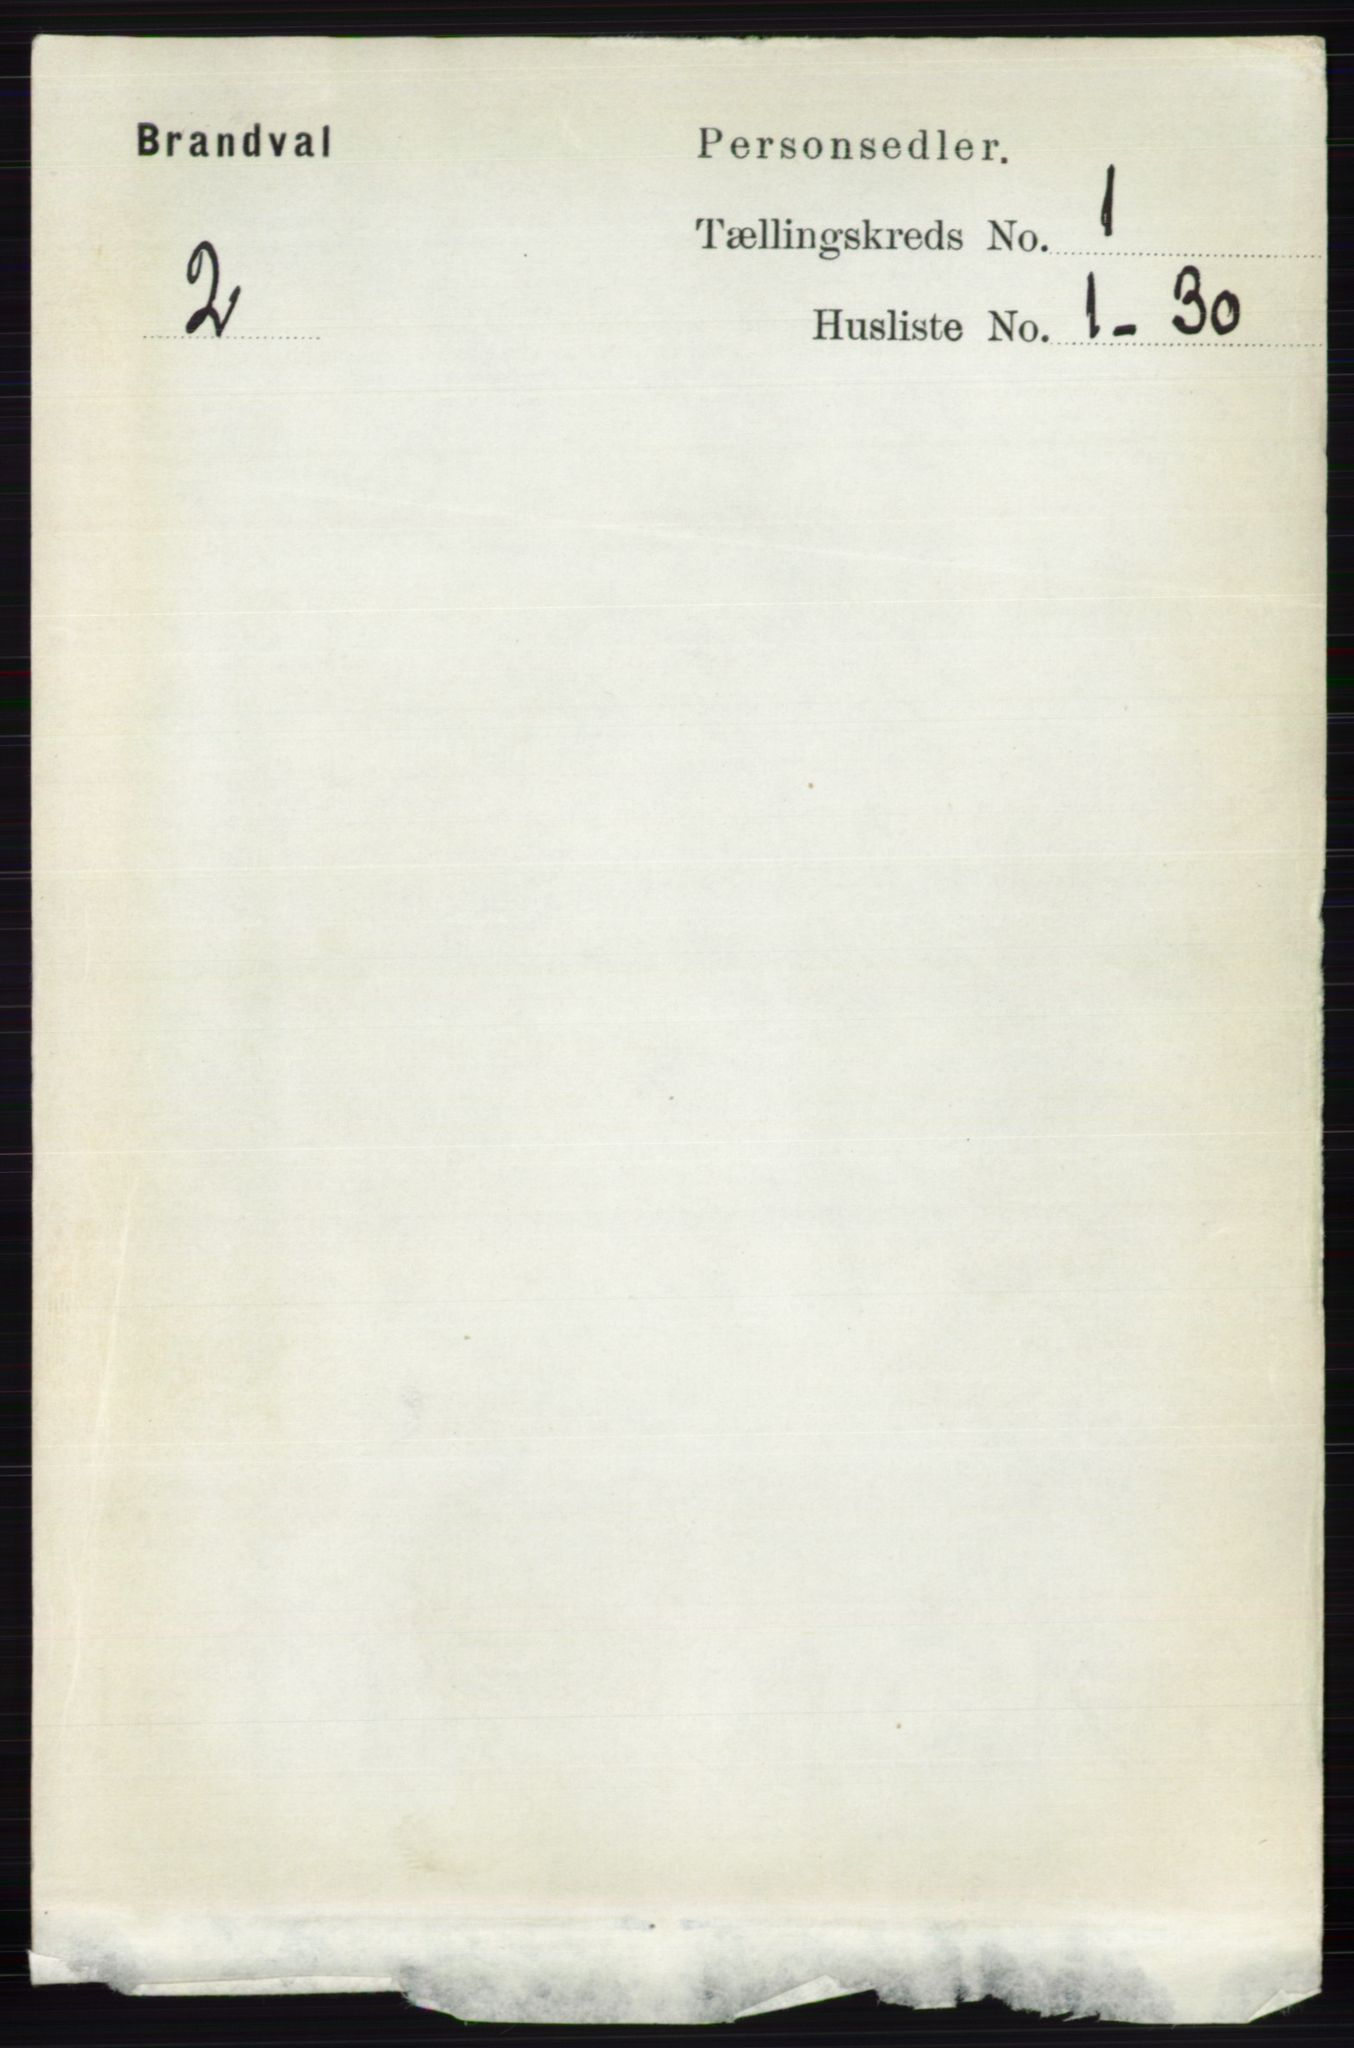 RA, Folketelling 1891 for 0422 Brandval herred, 1891, s. 111